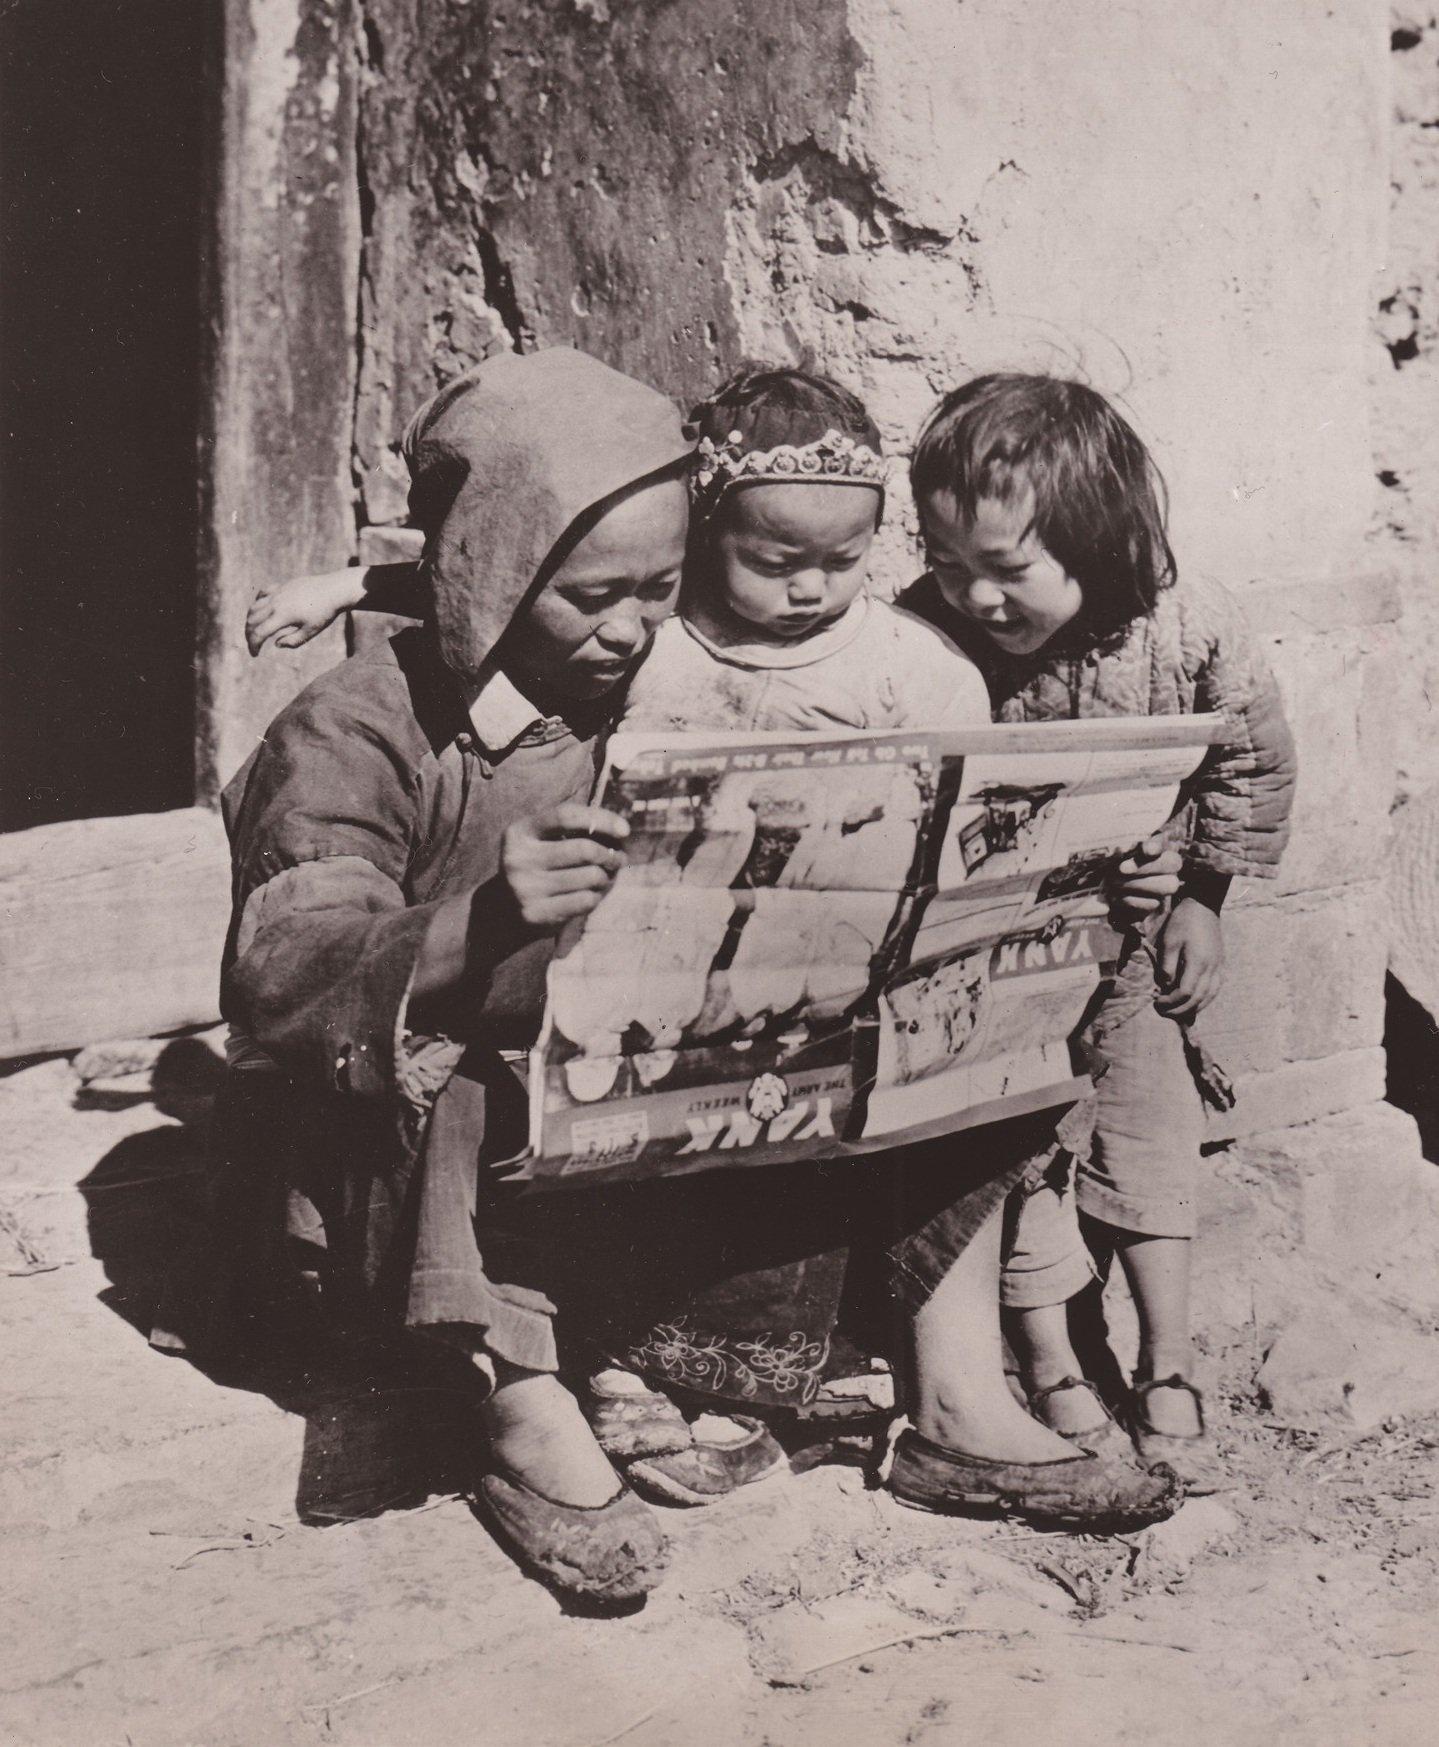 不管把杂志拿得怎么颠三倒四,这三人都觉得《扬基――军人周刊》很有看头。这张照片最近赢得了美国红十字会摄影大赛的冠军。富勒中士和麦坎德雷斯中士拍摄于中国。